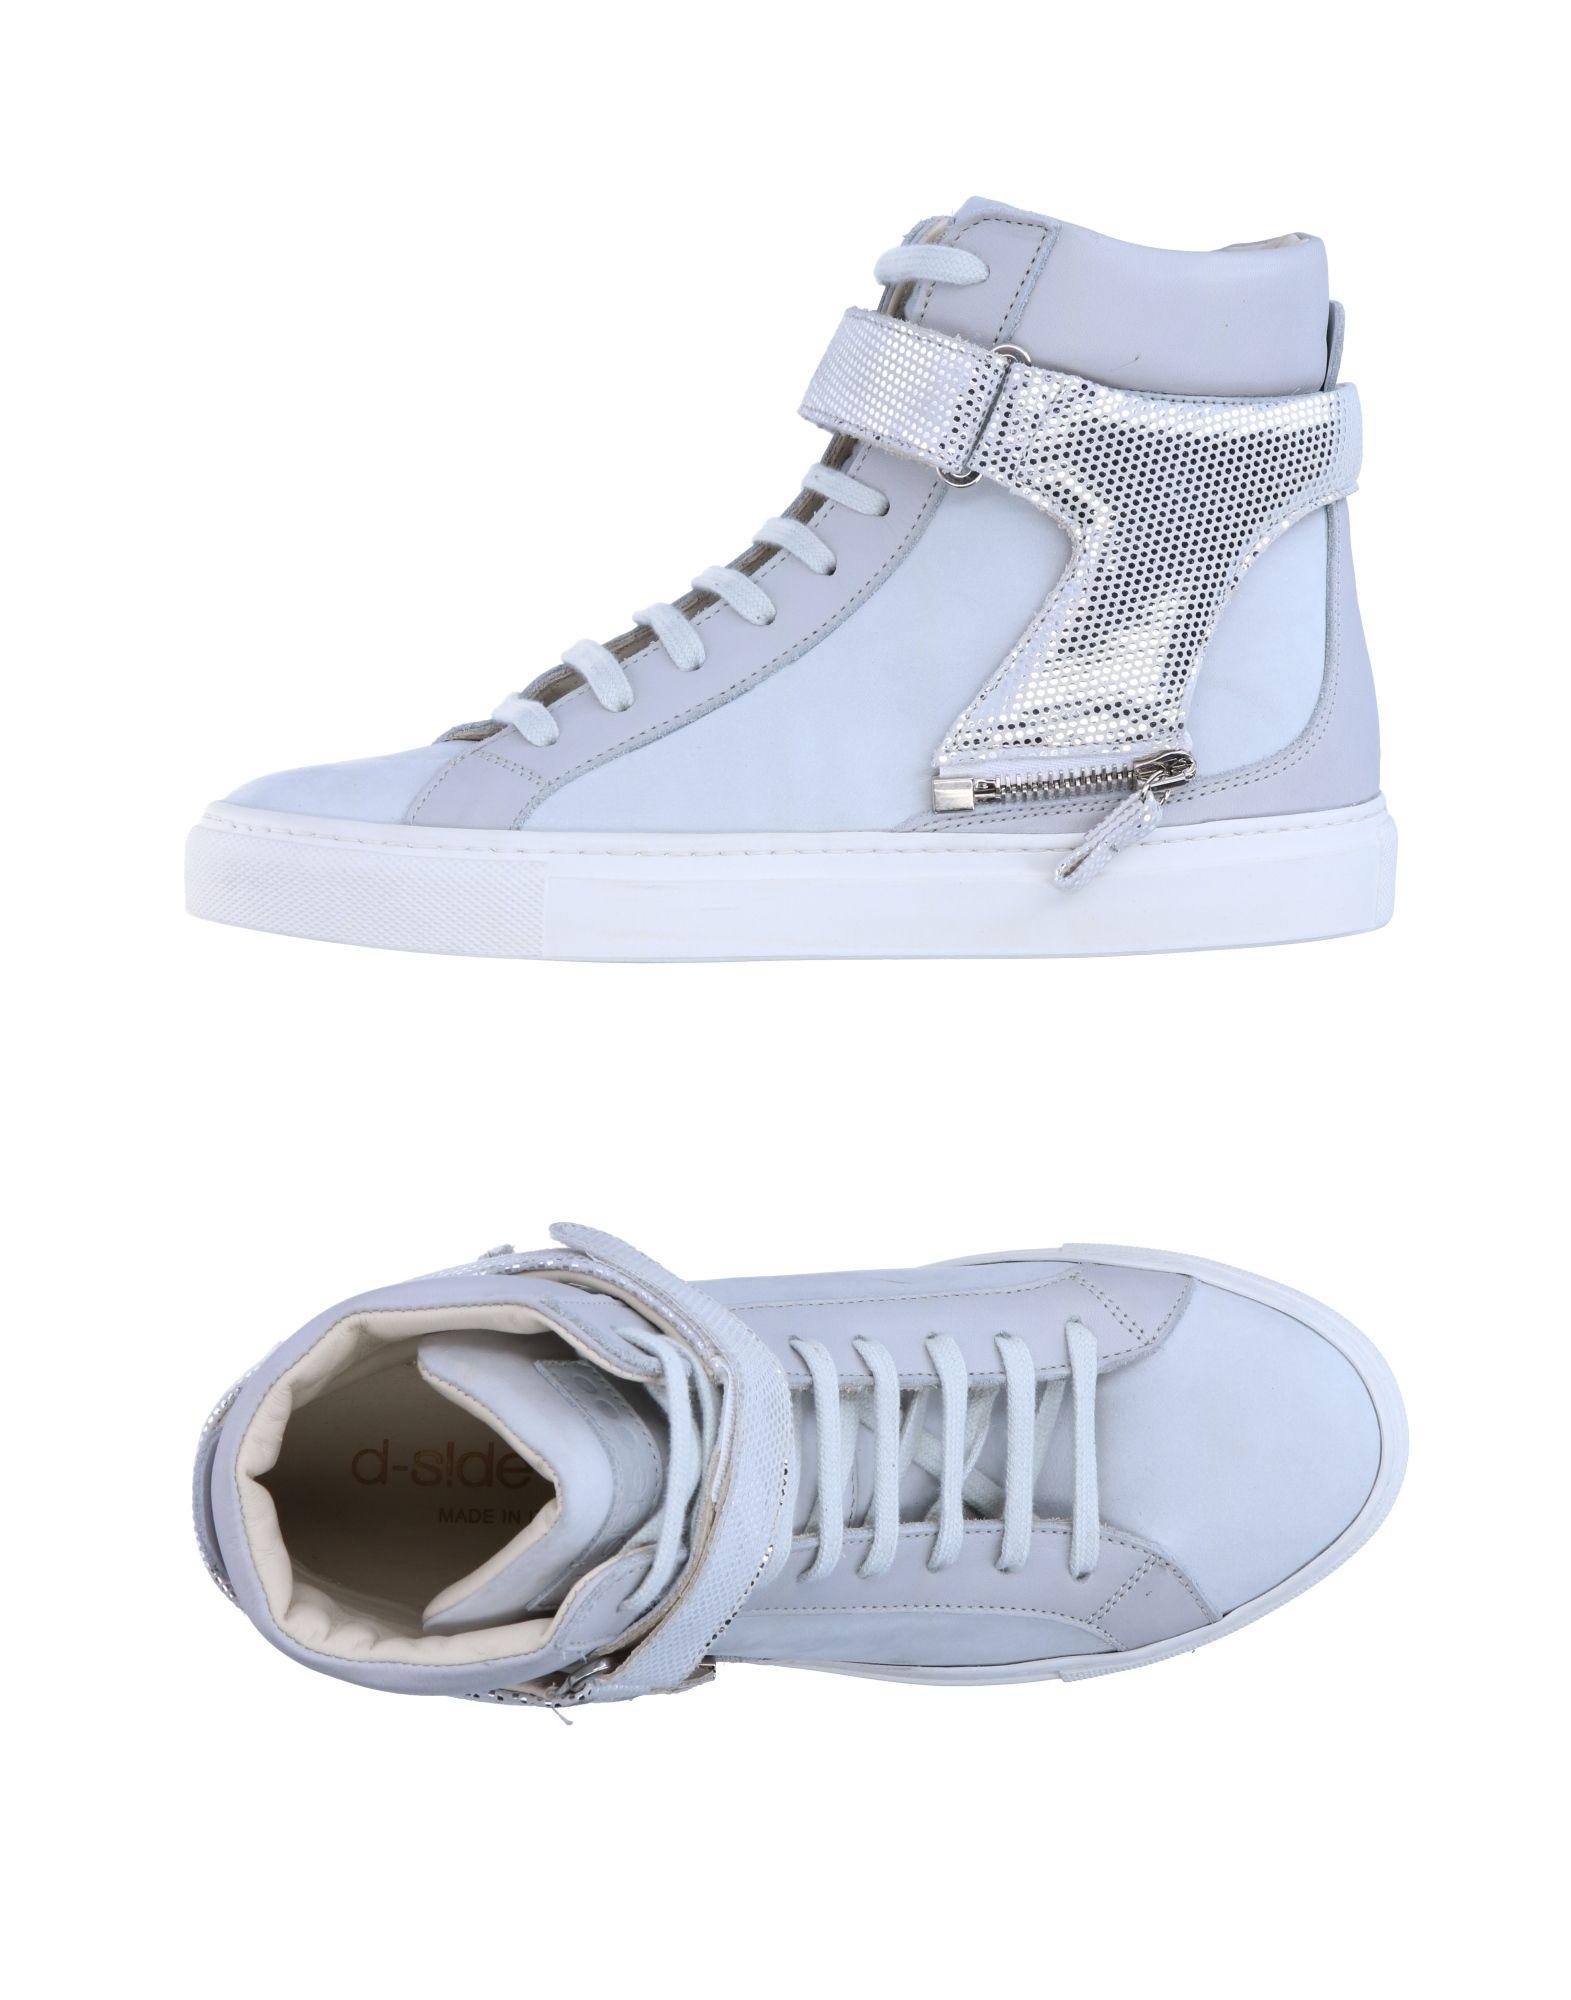 Gris perla Zapatillas D-S De Mujer - Zapatillas D-S D-S D-S De Nuevos zapatos para  hombres  y mujeres, descuento por tiempo limitado 4d6841